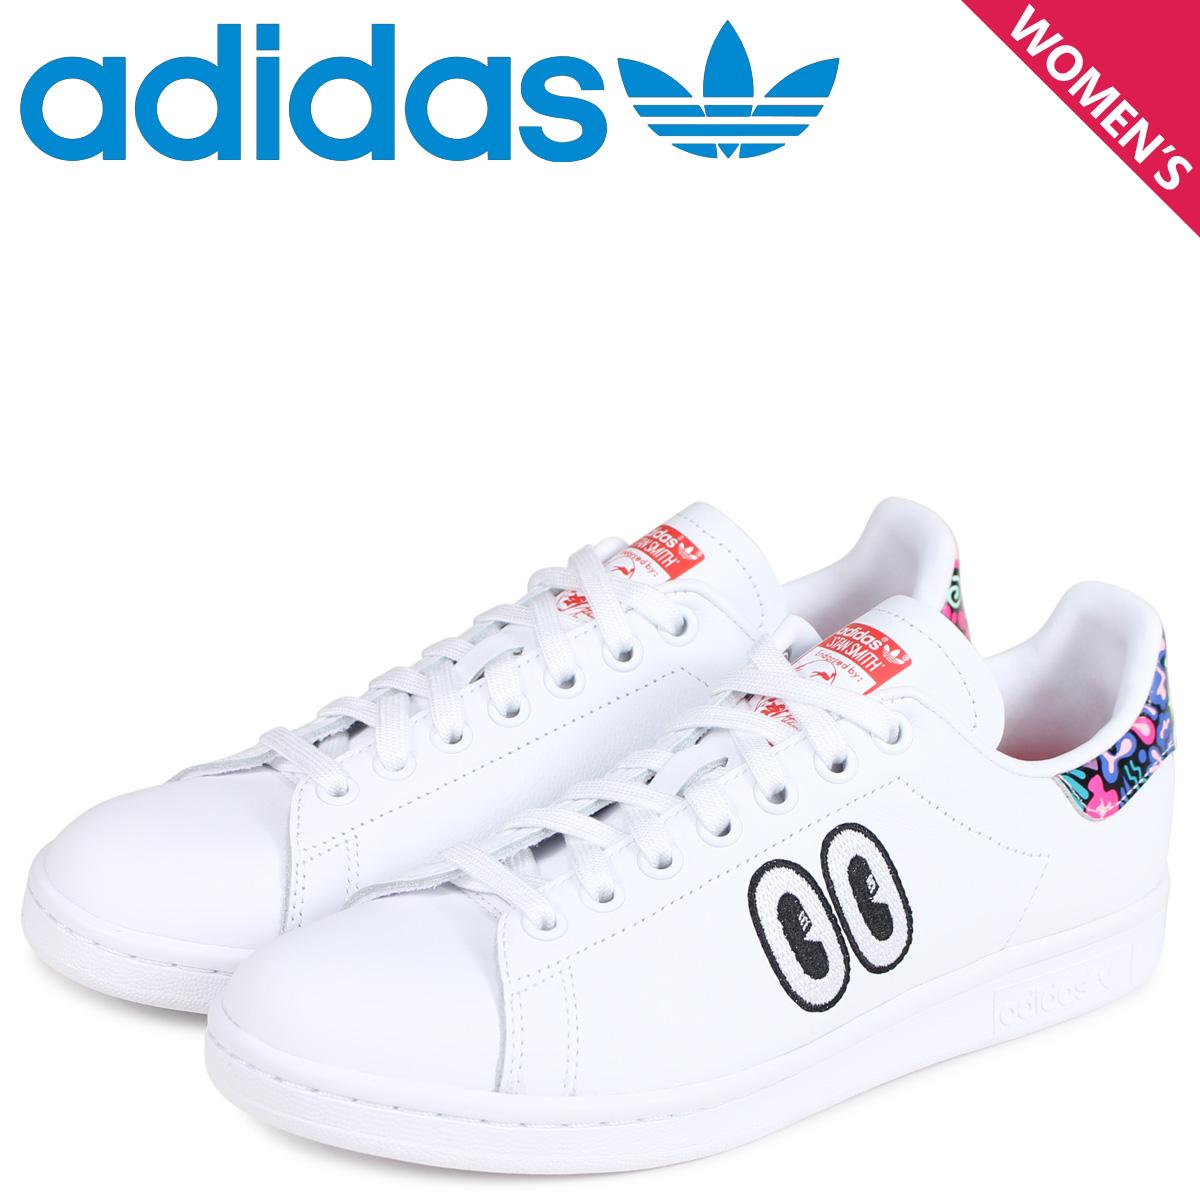 adidas Originals アディダス オリジナルス スタンスミス スニーカー レディース STAN SMITH コラボ ホワイト 白 CM8417 [3/26 新入荷]